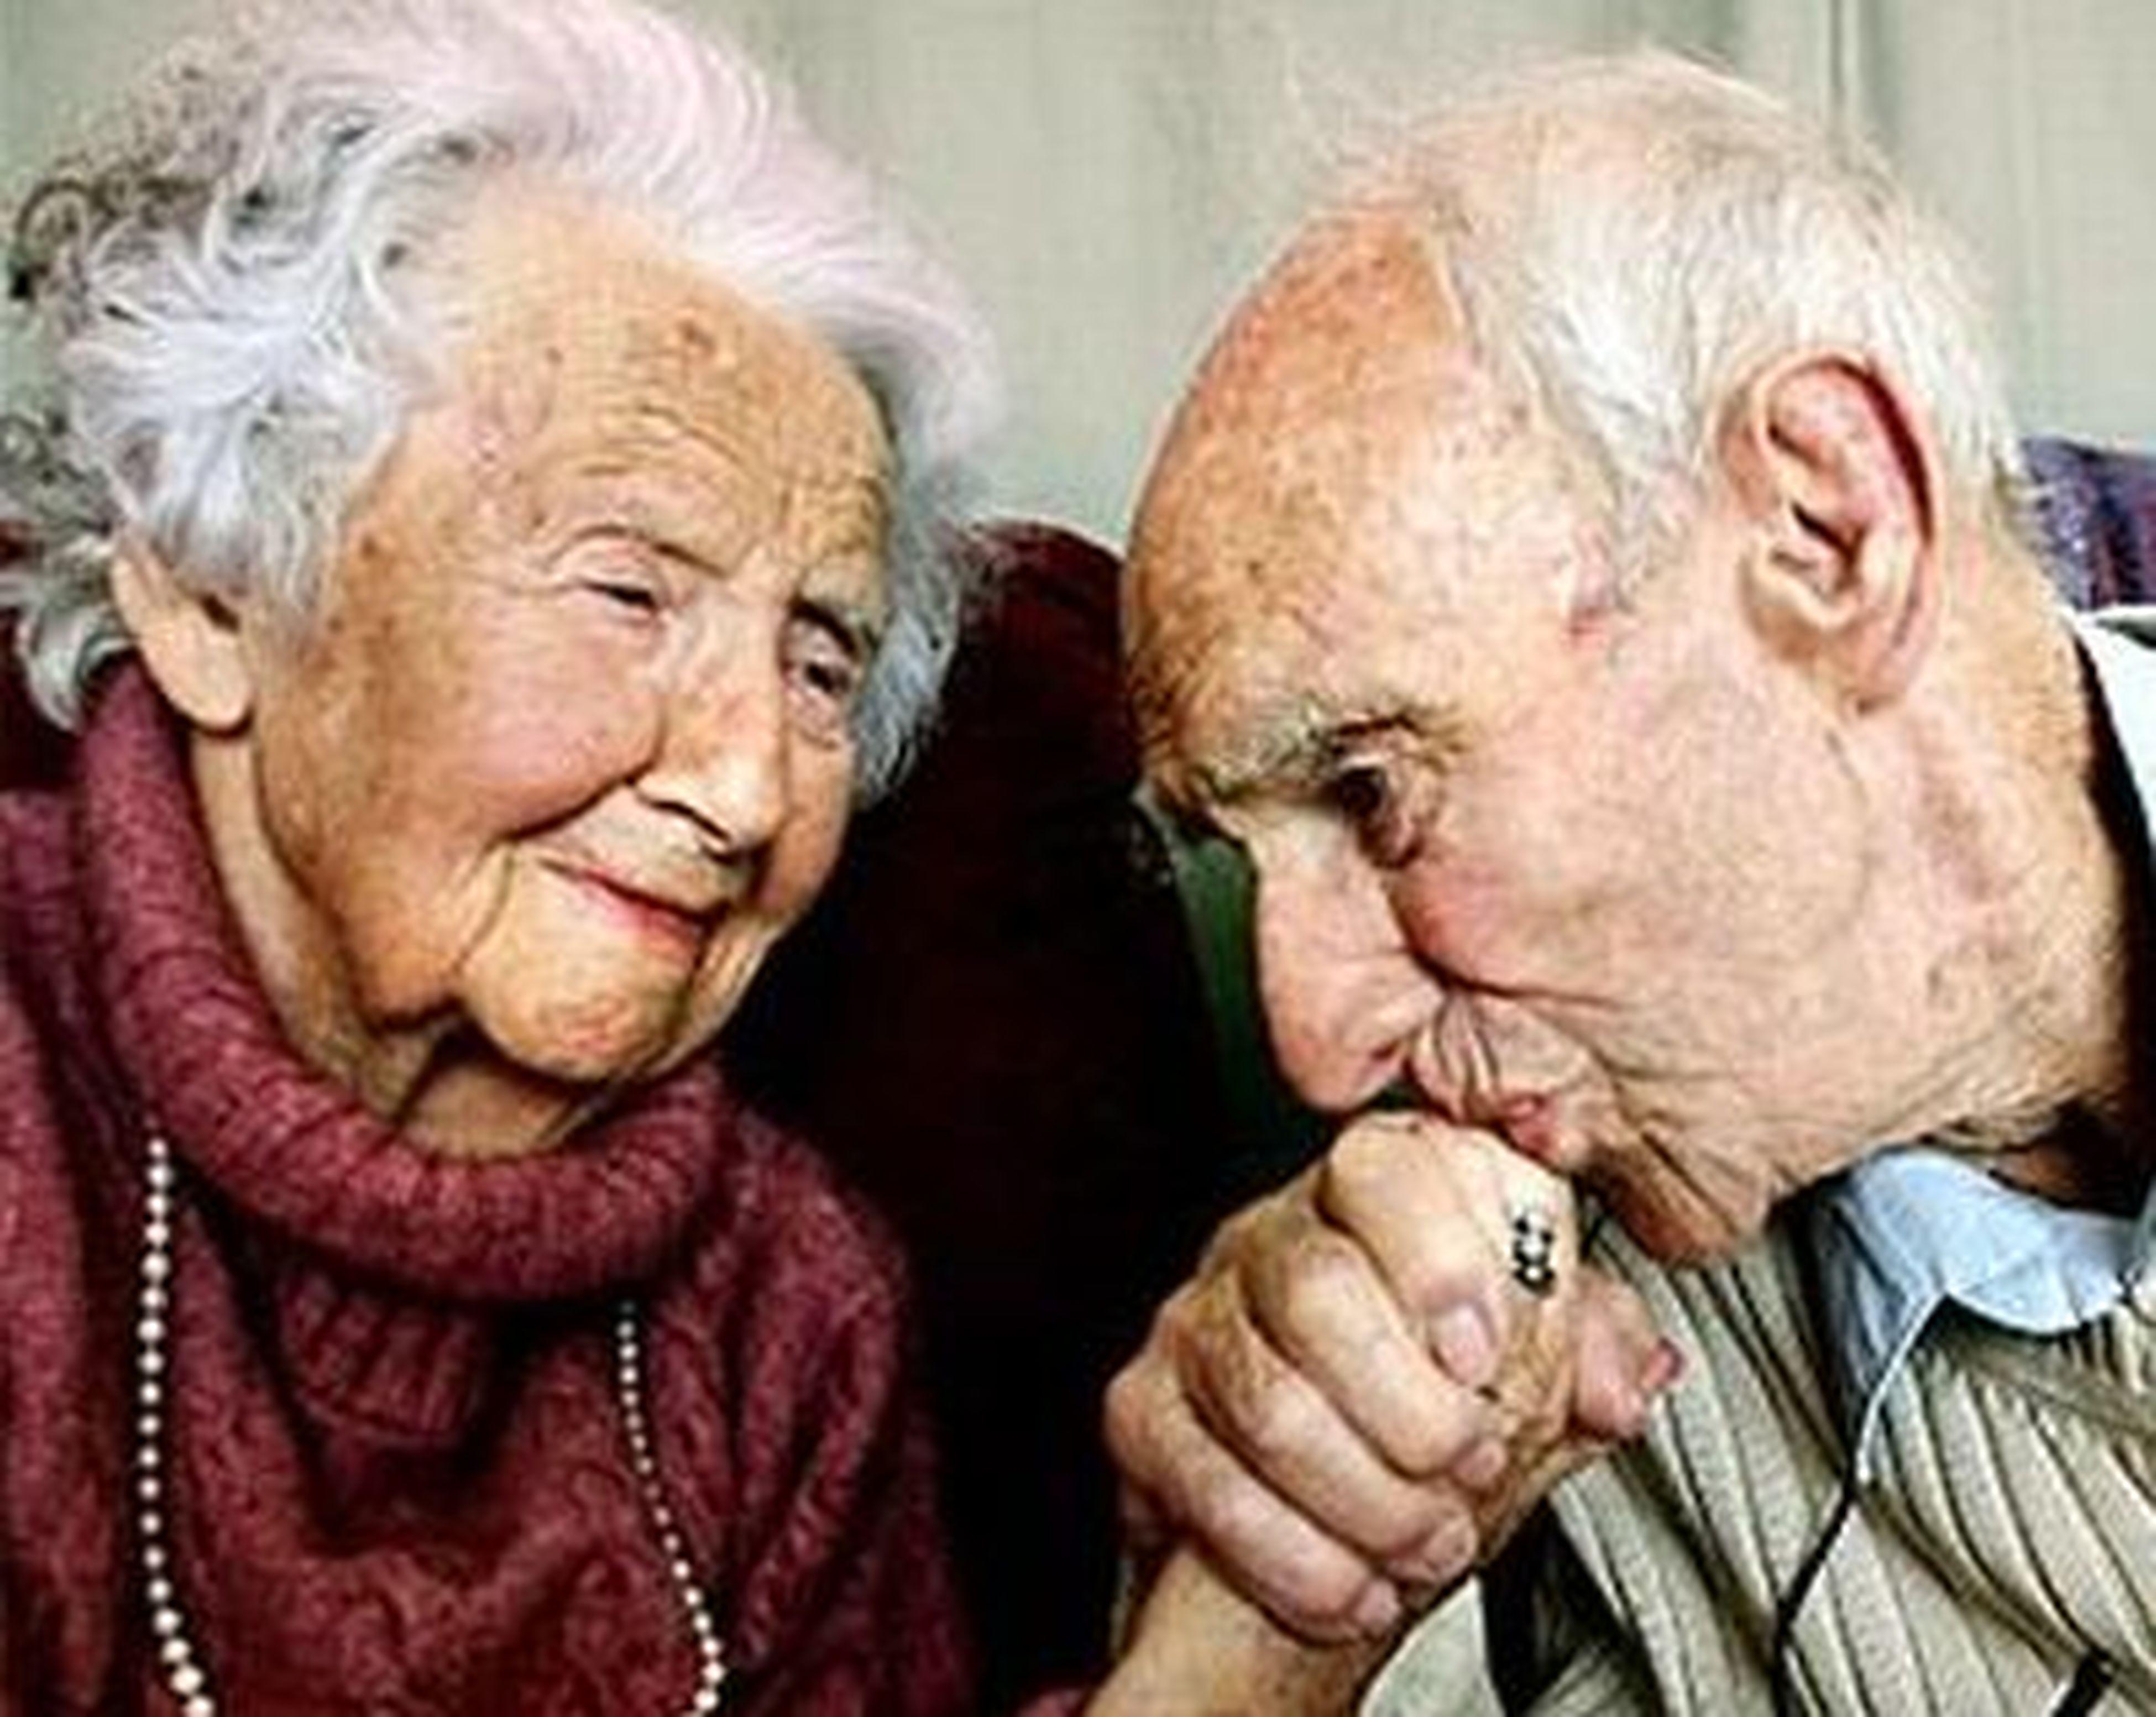 L'amore, Quello Vero ❤ Amoreterno Inchemondoviviamonoioggi